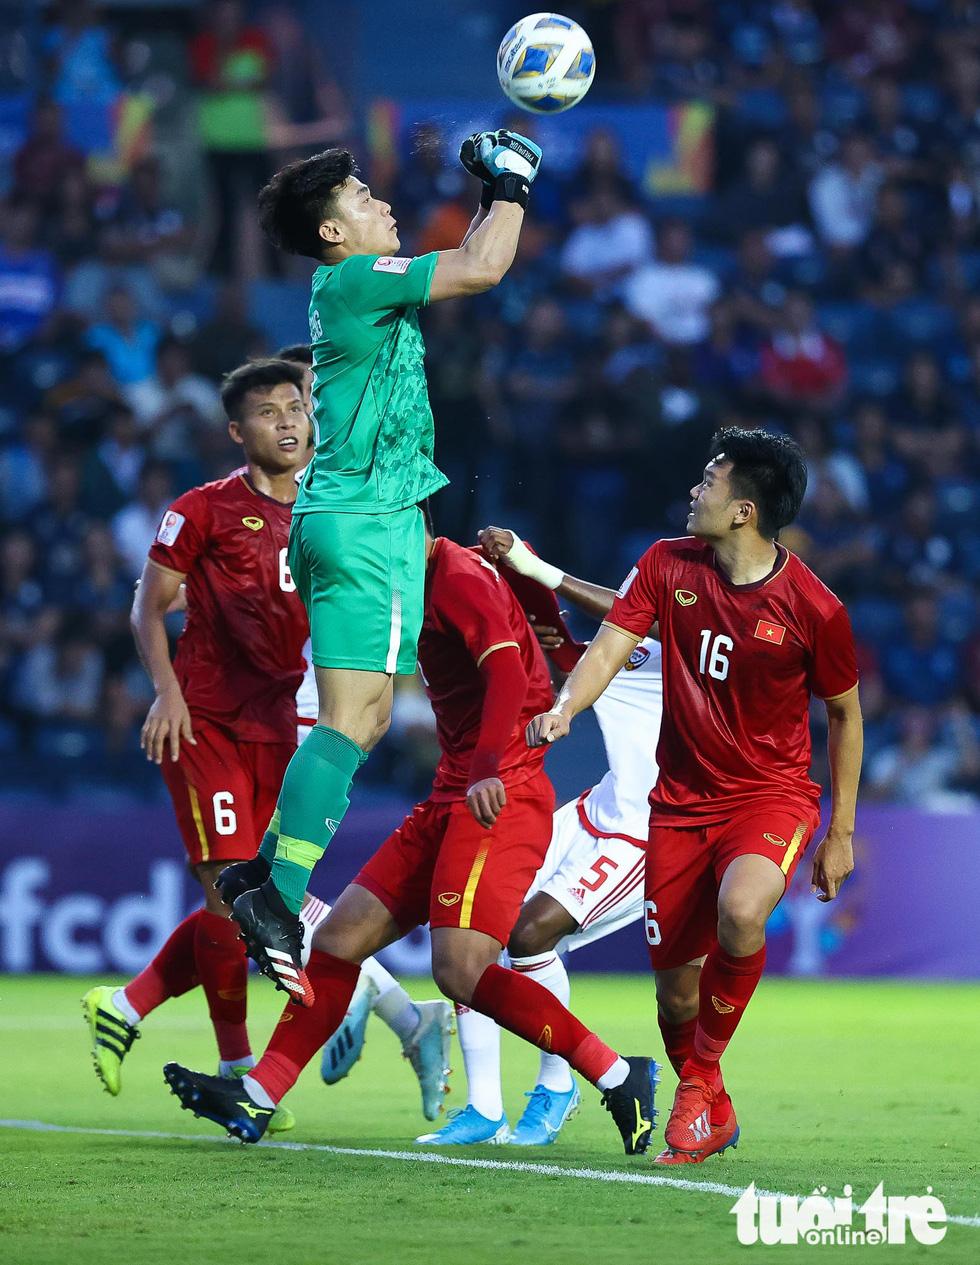 Những pha cứu nguy xuất sắc của Bùi Tiến Dũng trước U23 UAE - Ảnh 2.